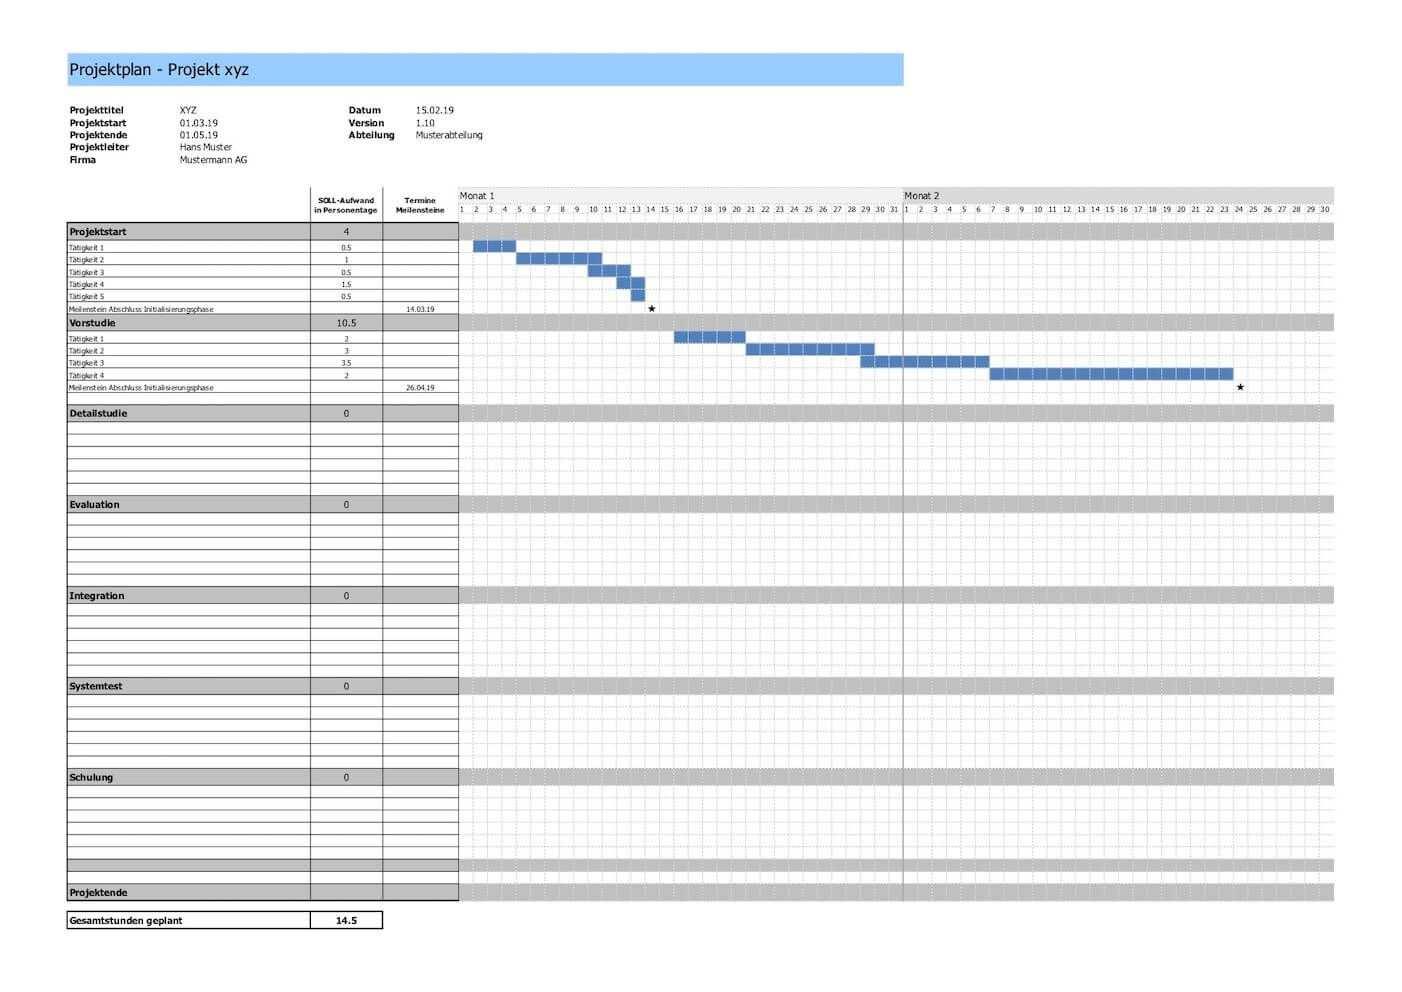 Projektplan Vorlage Im Excel Format Projektplan Vorlage